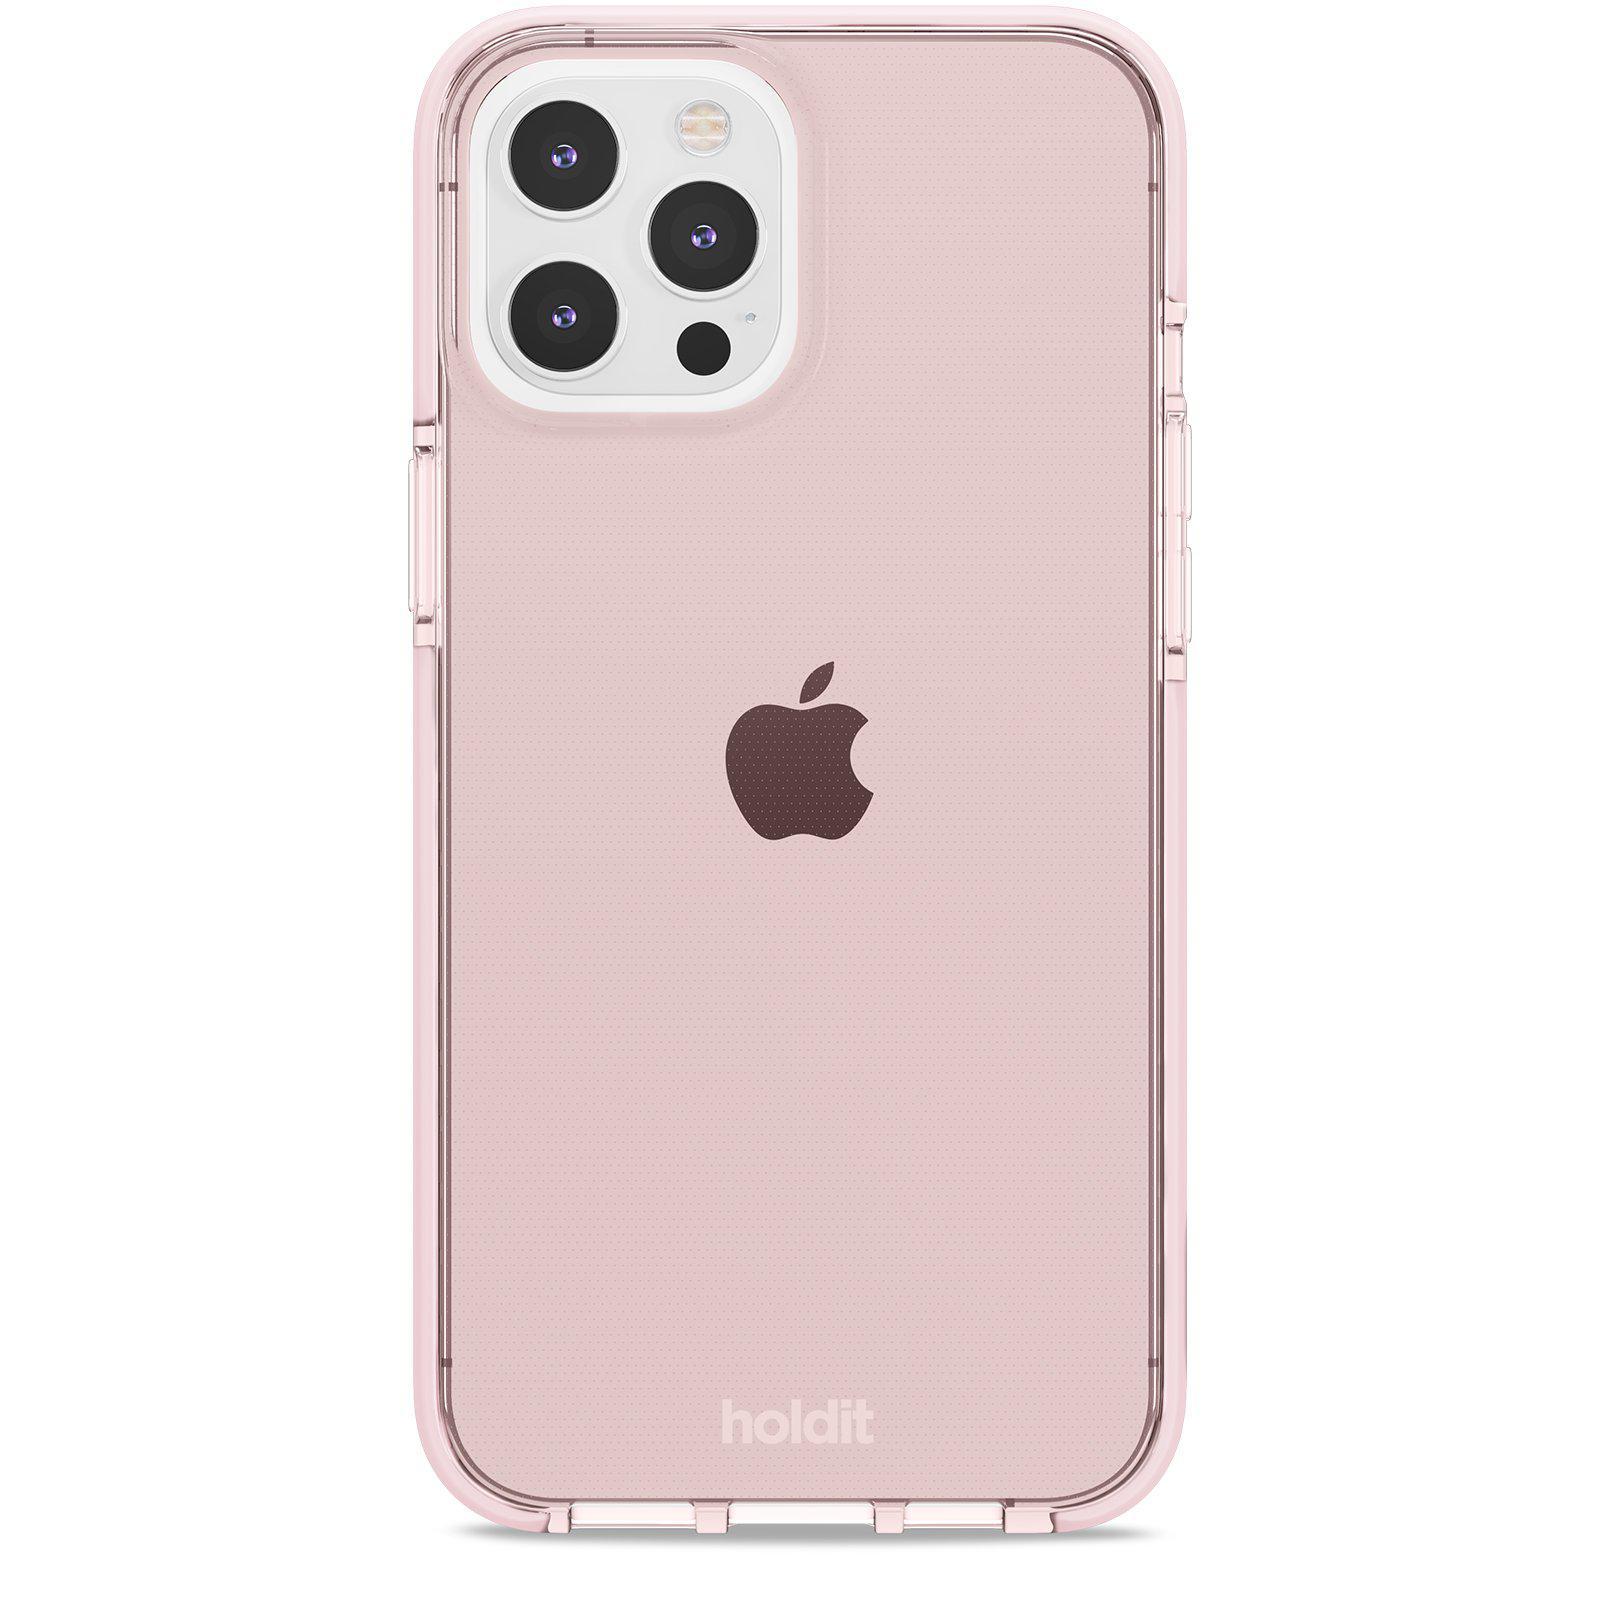 Deksel Seethru iPhone 12 Pro Max Blush Pink